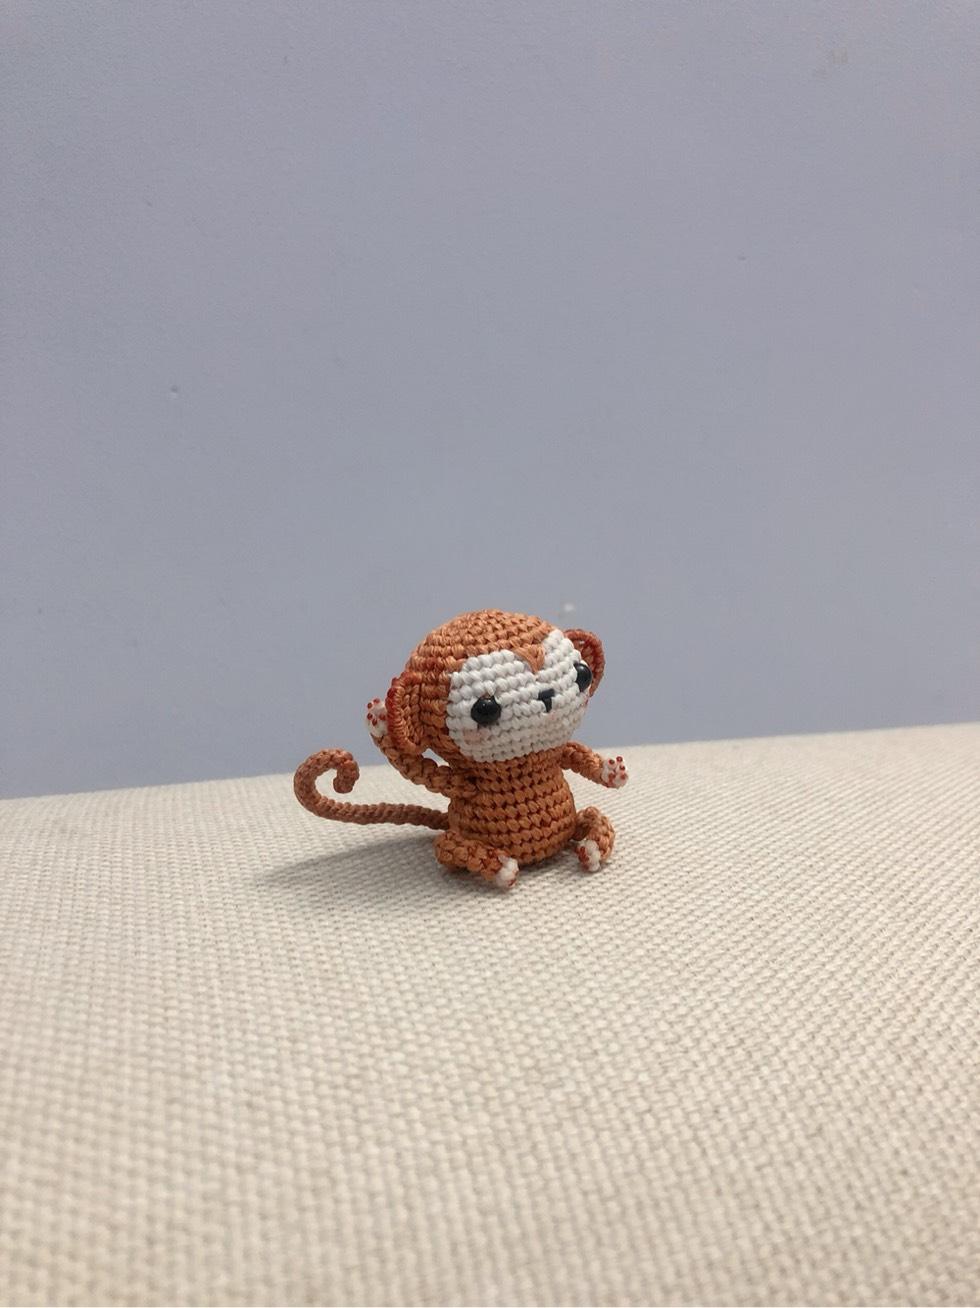 中国结论坛 十二生肖-猴几 十二生肖猴的来历简短,十二生肖猴的寓意 作品展示 180457pz8vowhd71av6avg